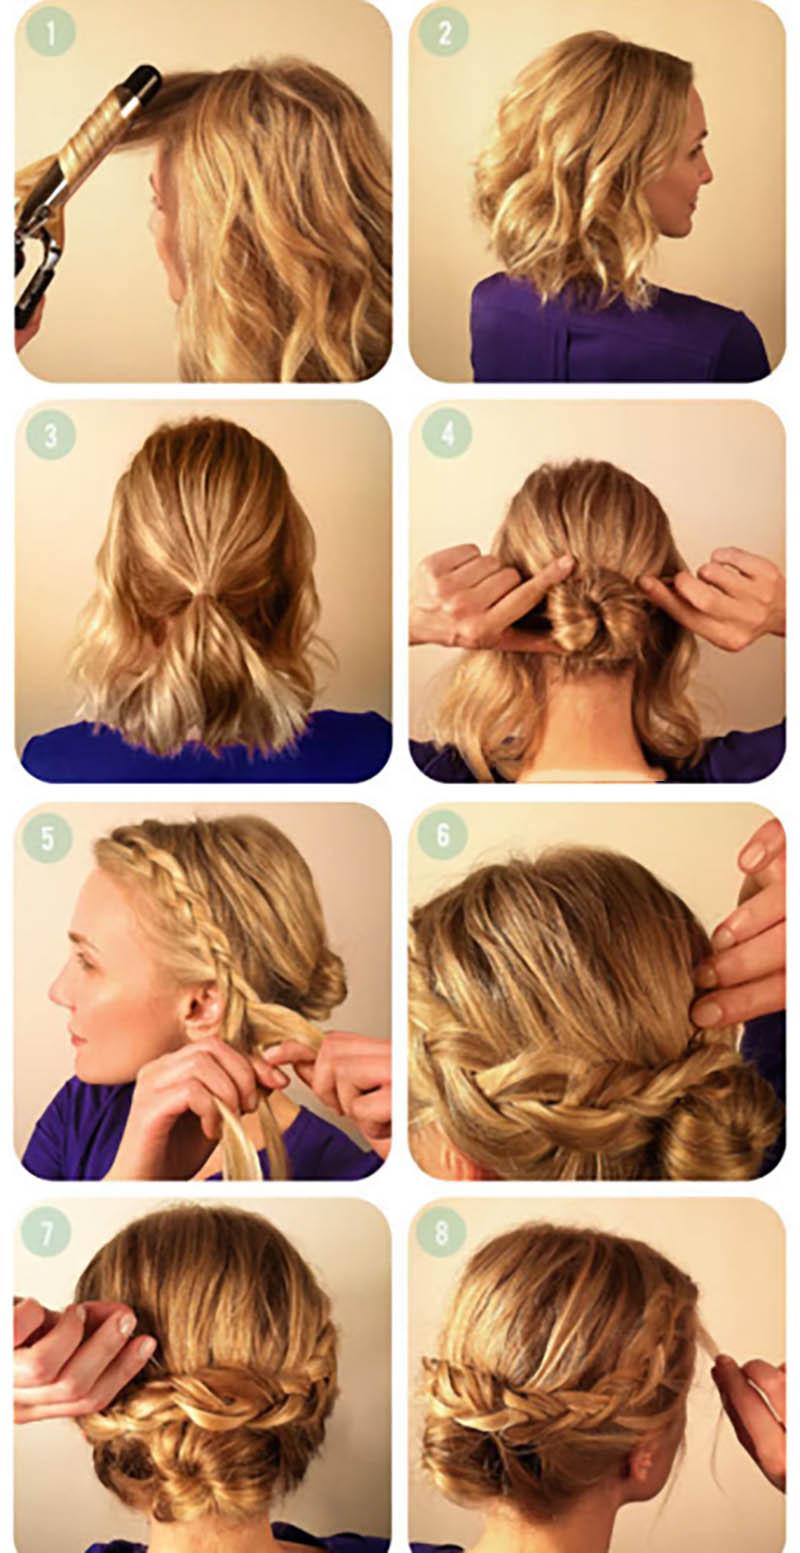 Kiểu tóc búi thấp kết hợp tết tóc thái dương